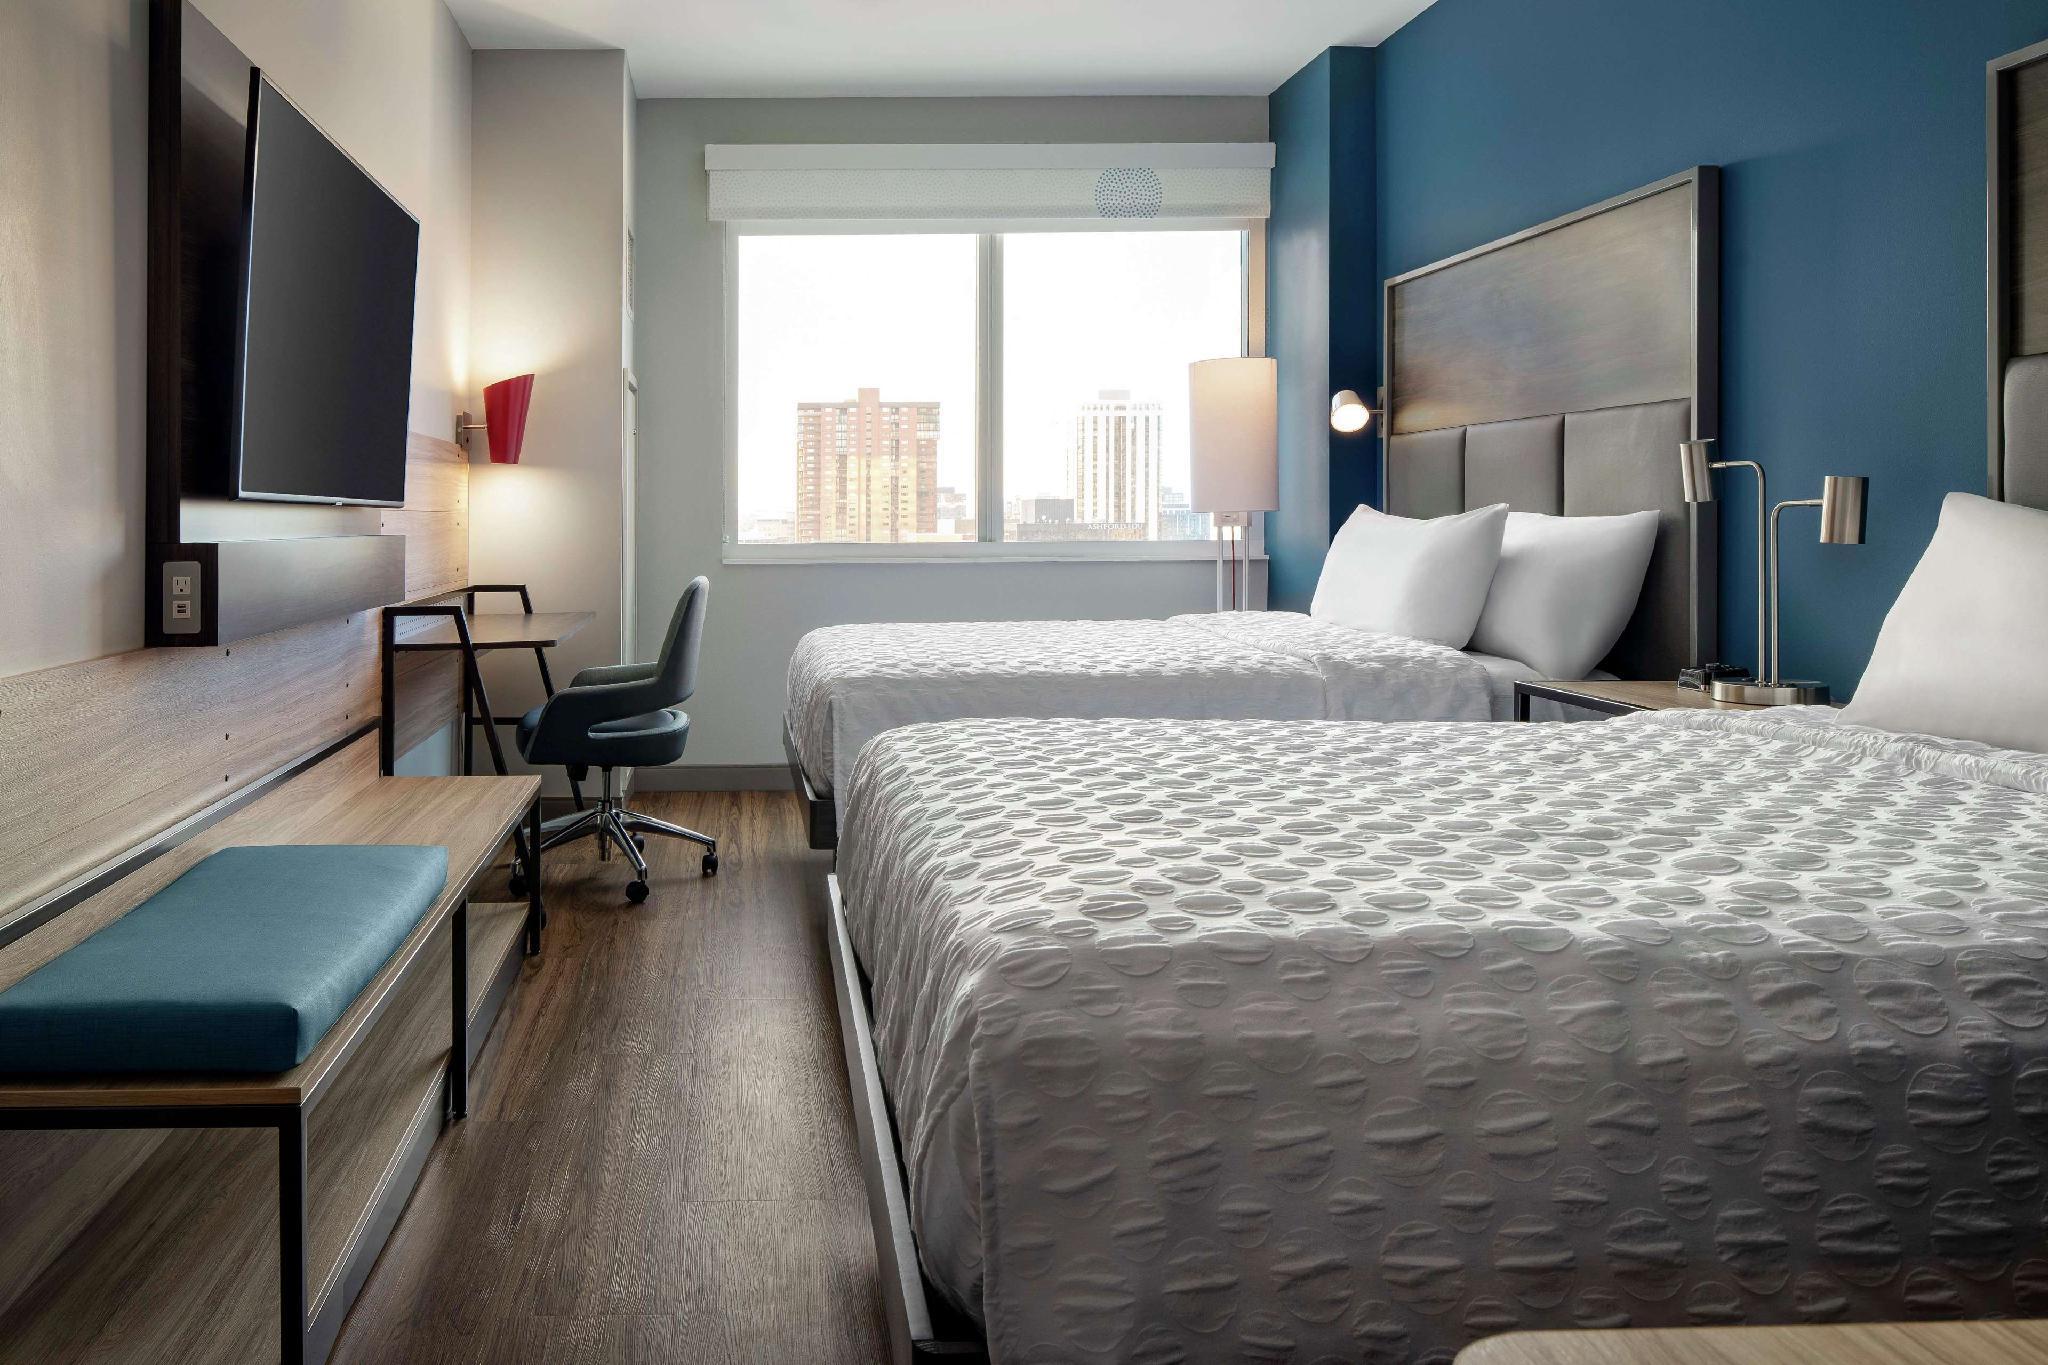 Tru By Hilton Denver Co Hotel Denver Co Deals Photos Reviews